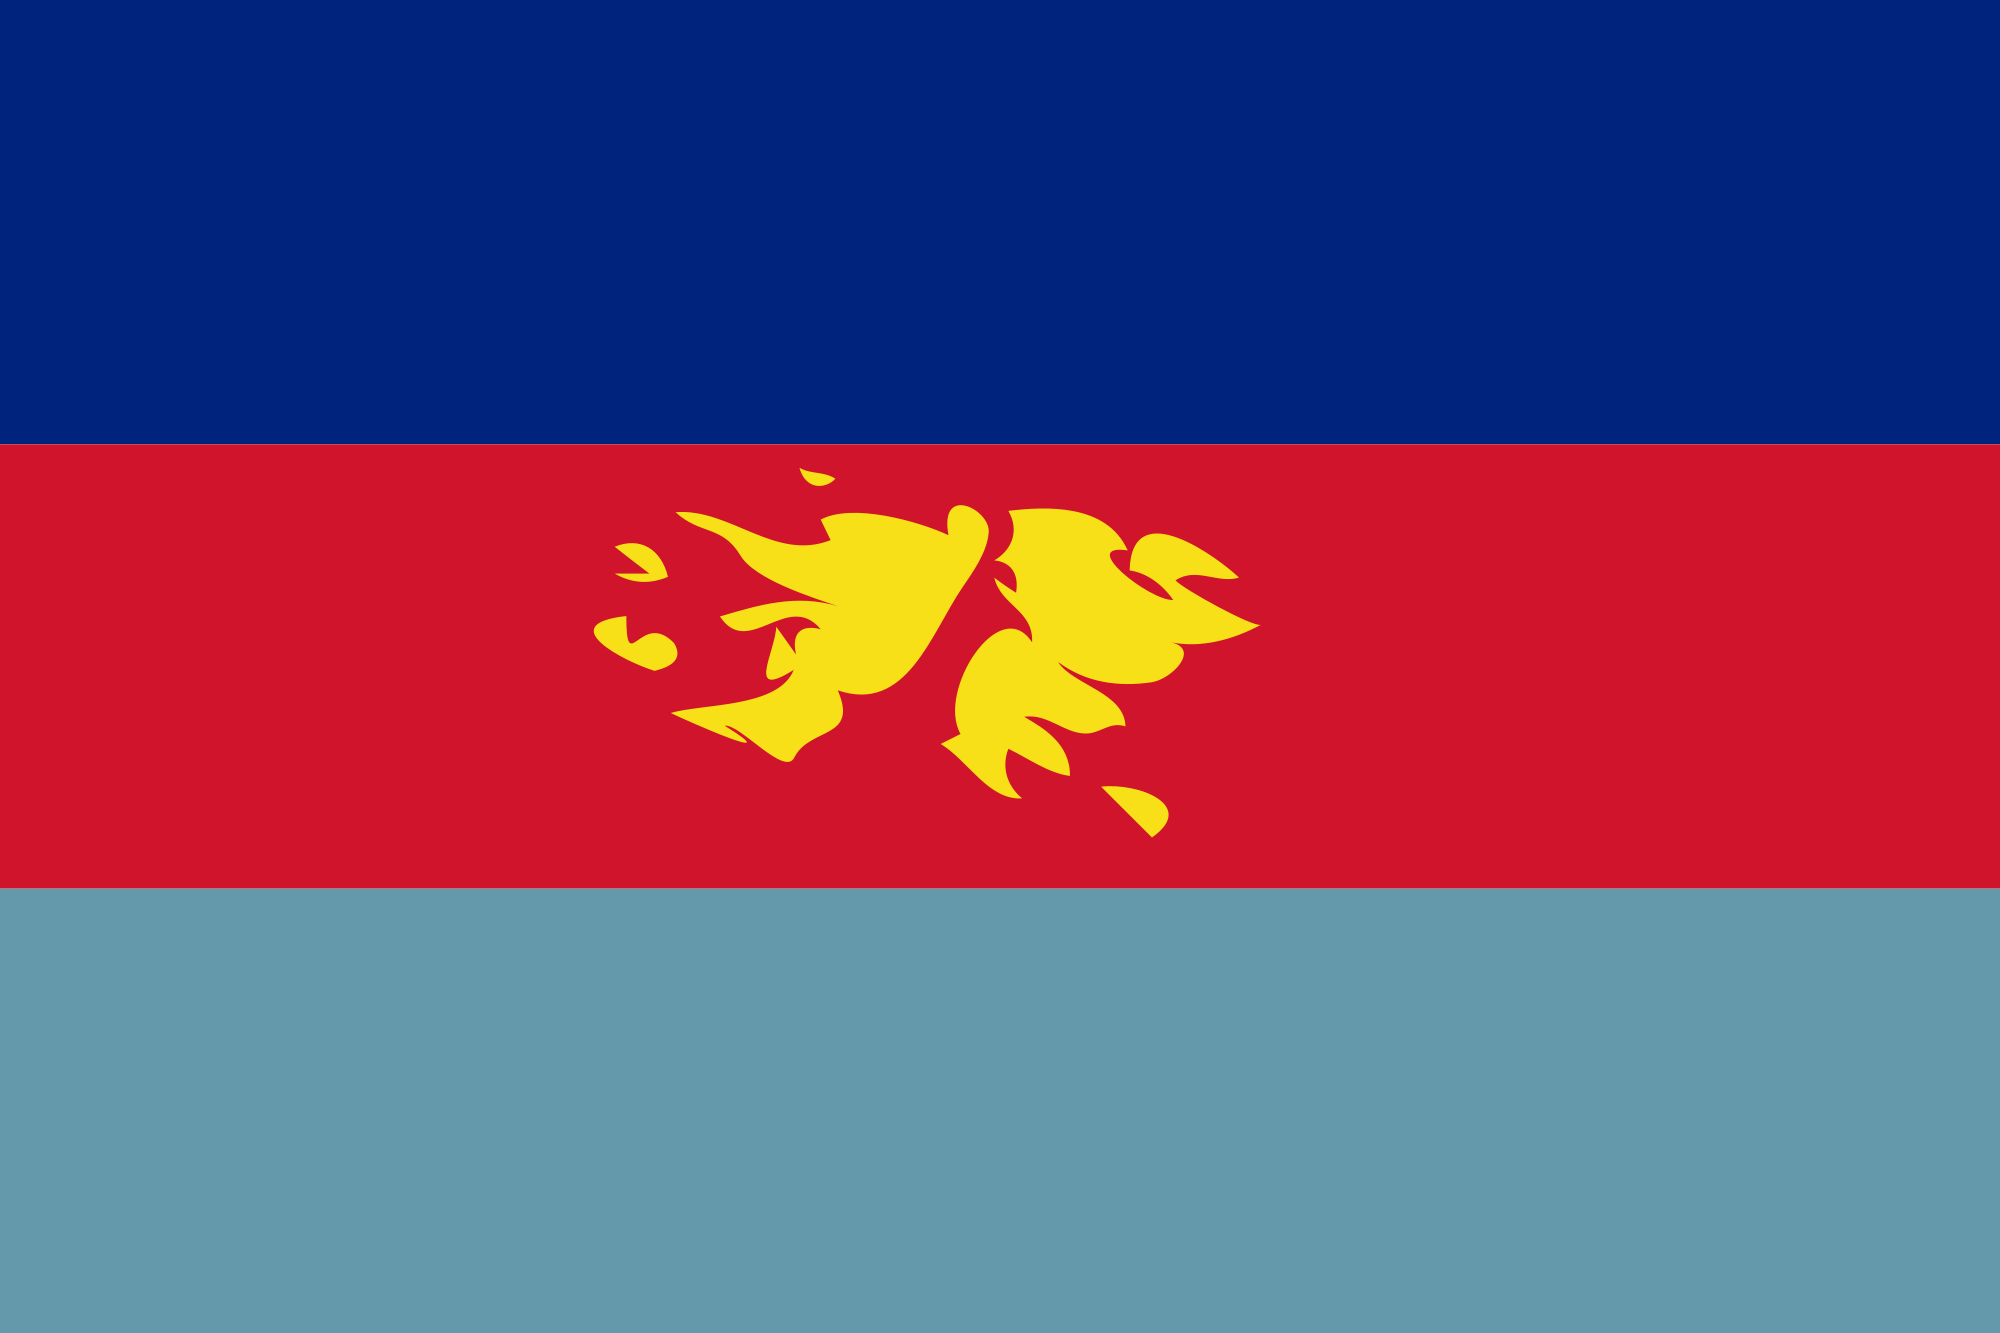 Falkland Islands (1983: Doomsday)